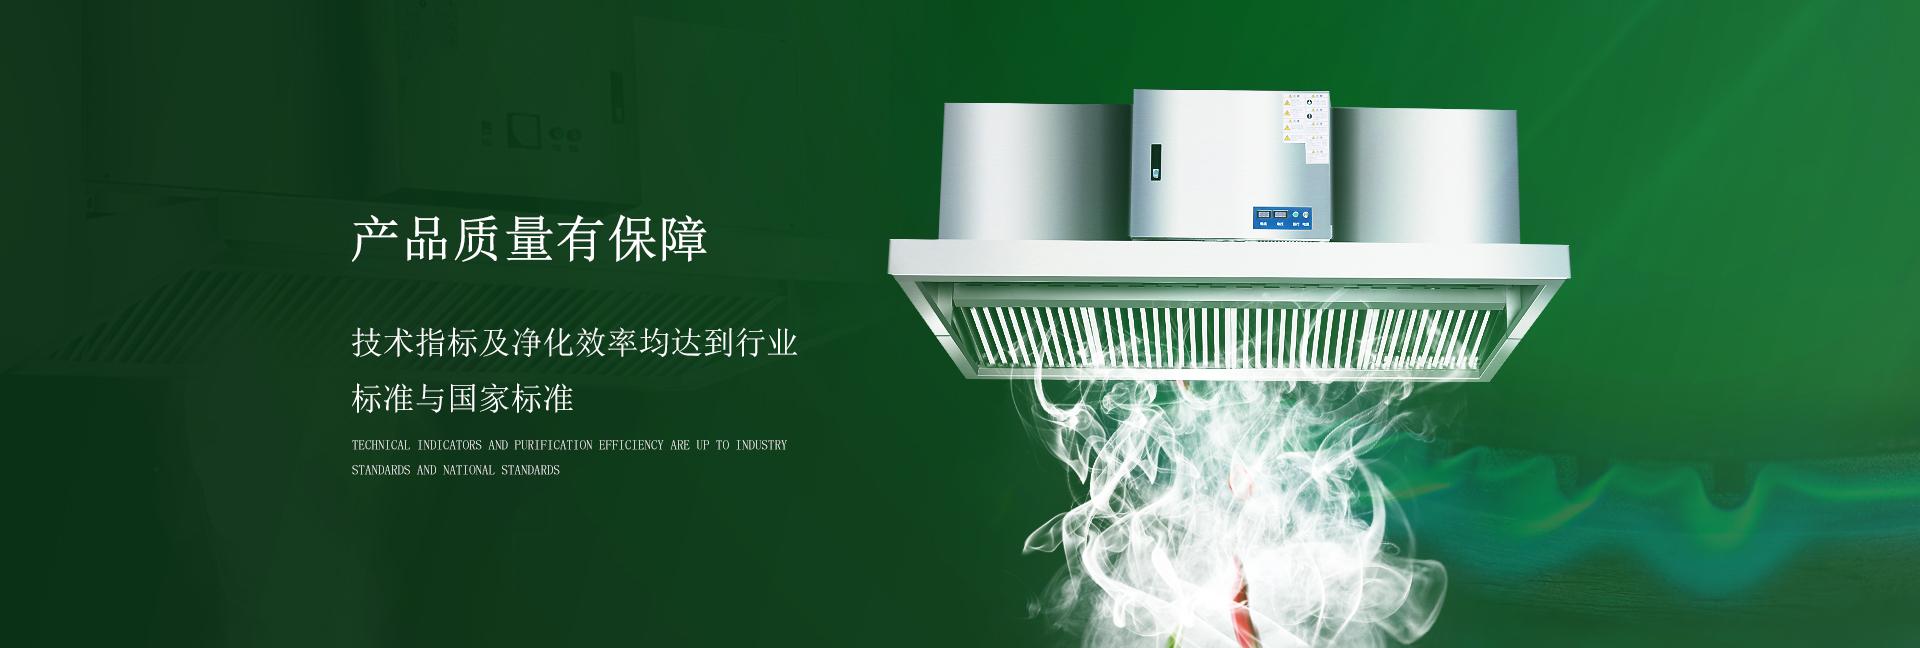 重庆厨房油烟净化器